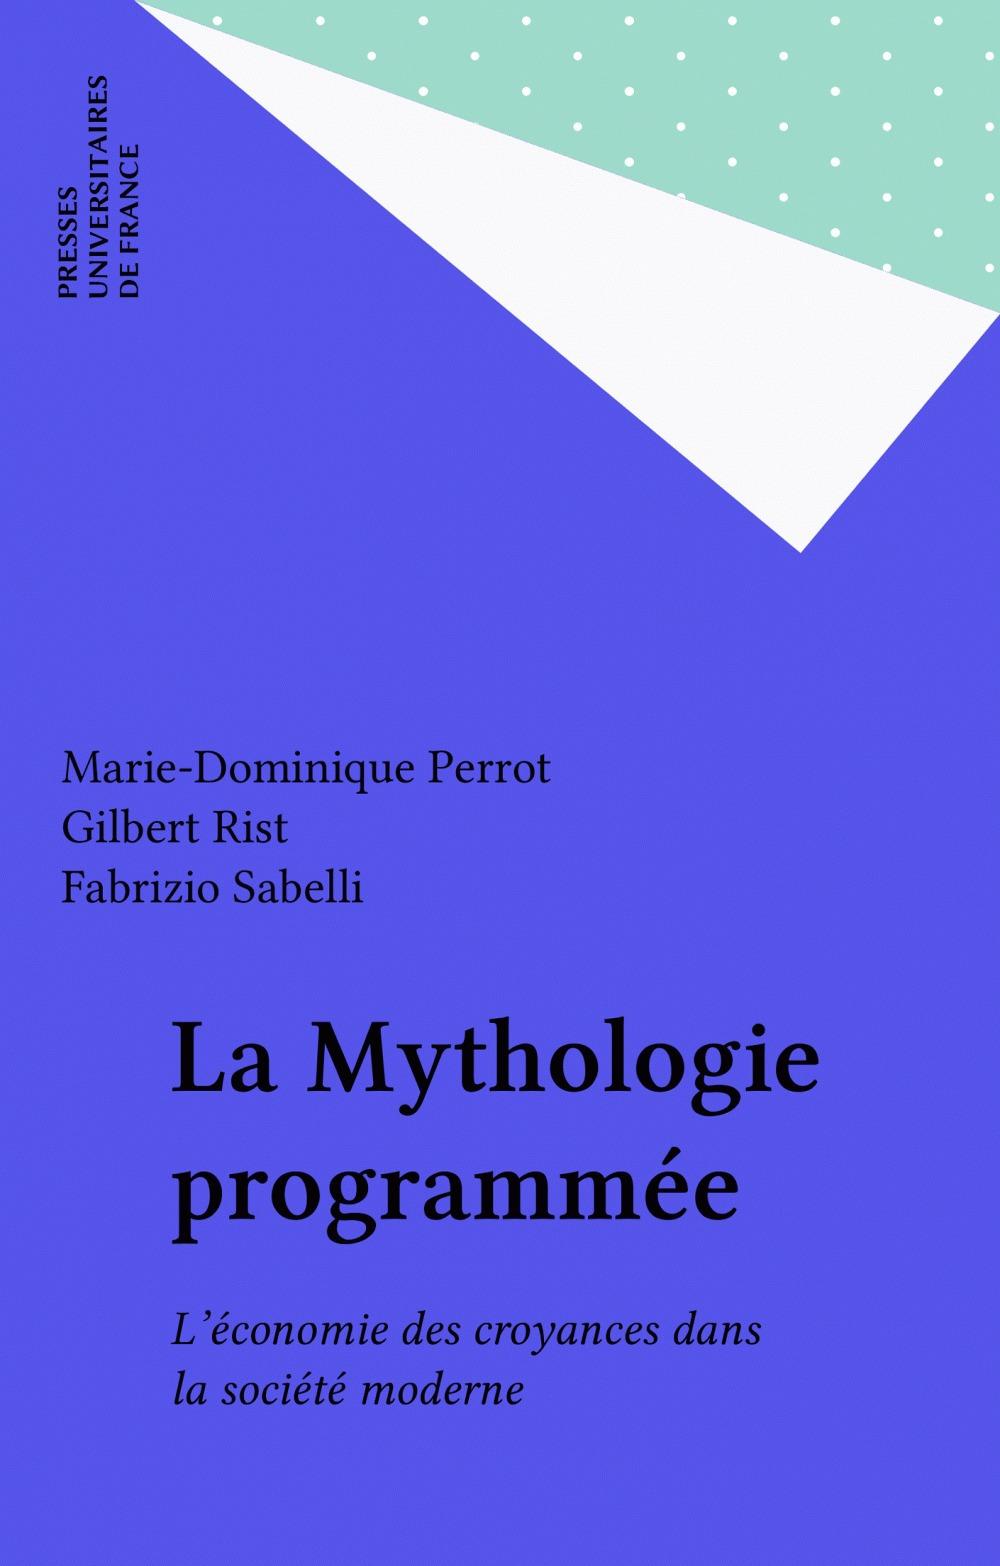 La mythologie programmée ; l'économie des croyances dans la société moderne